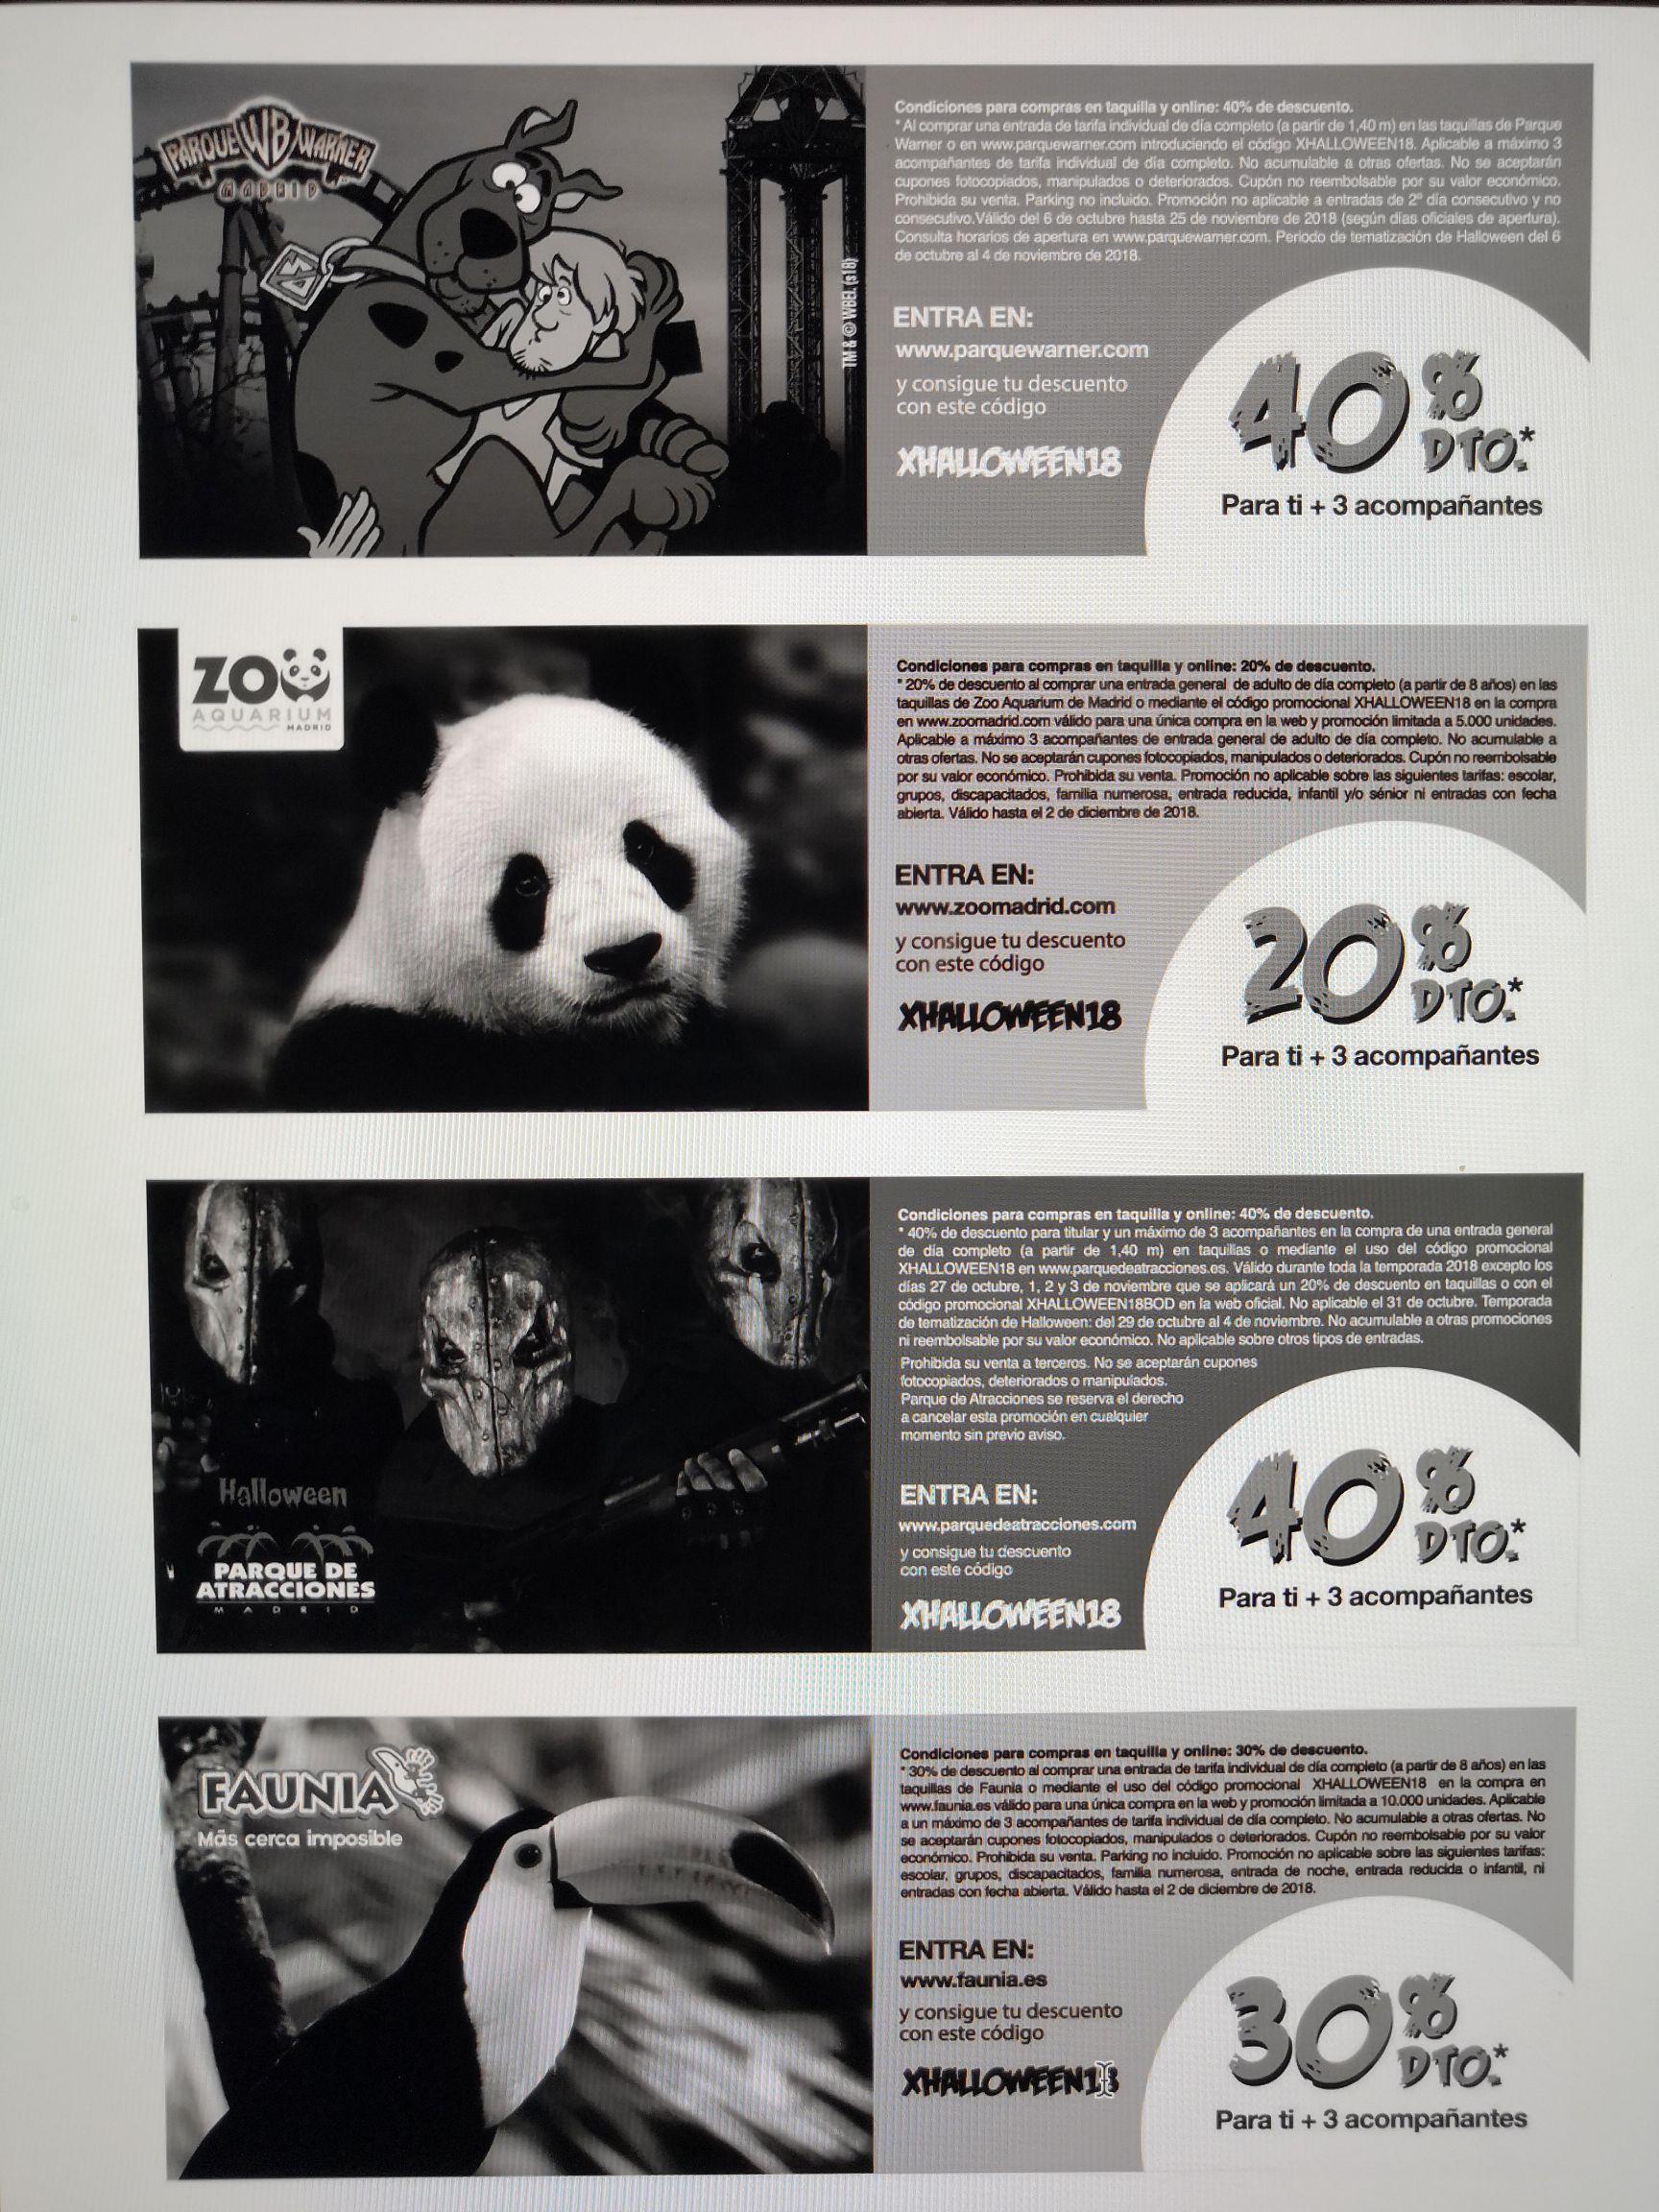 Descuentos Bonoparques (40% descuento warner, 20% Zoo, 40% Parque atracciones y 30% Faunia)